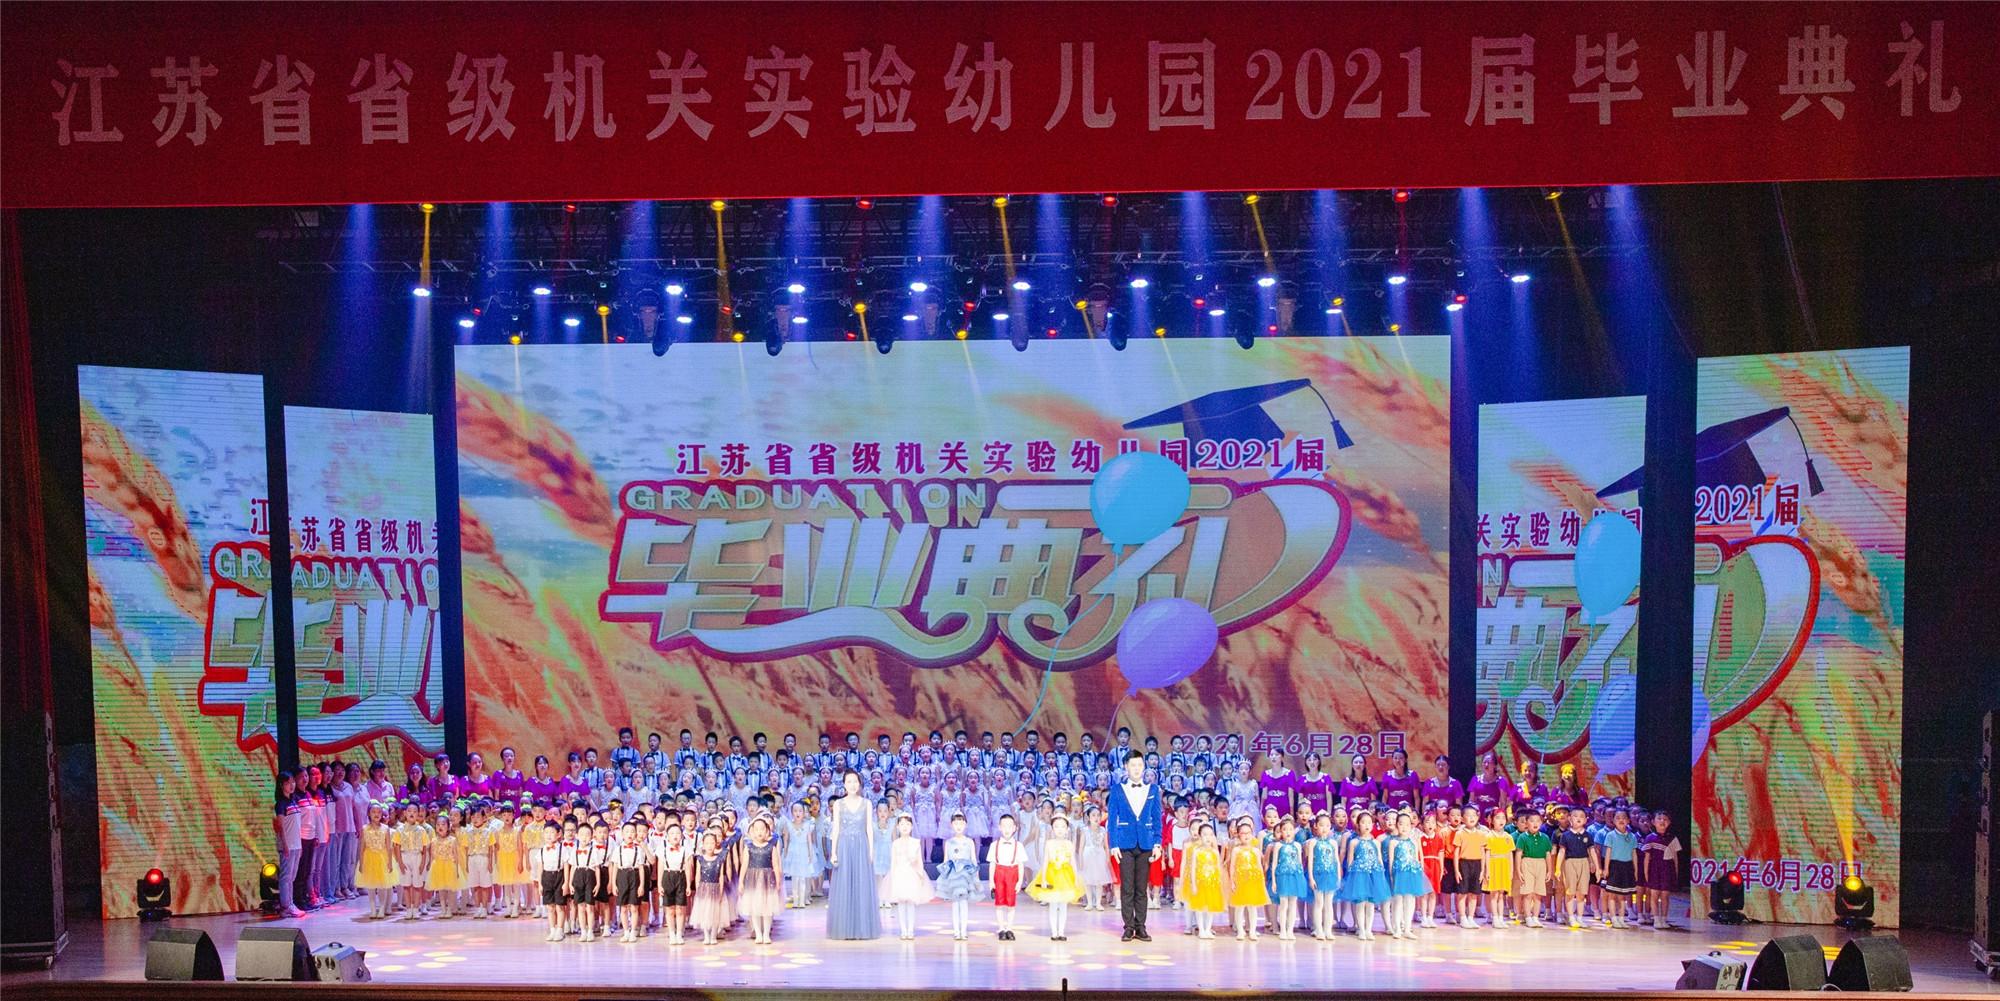 乘风破浪 未来可期  ——江苏省省级机关实验幼儿园2021届毕业典礼